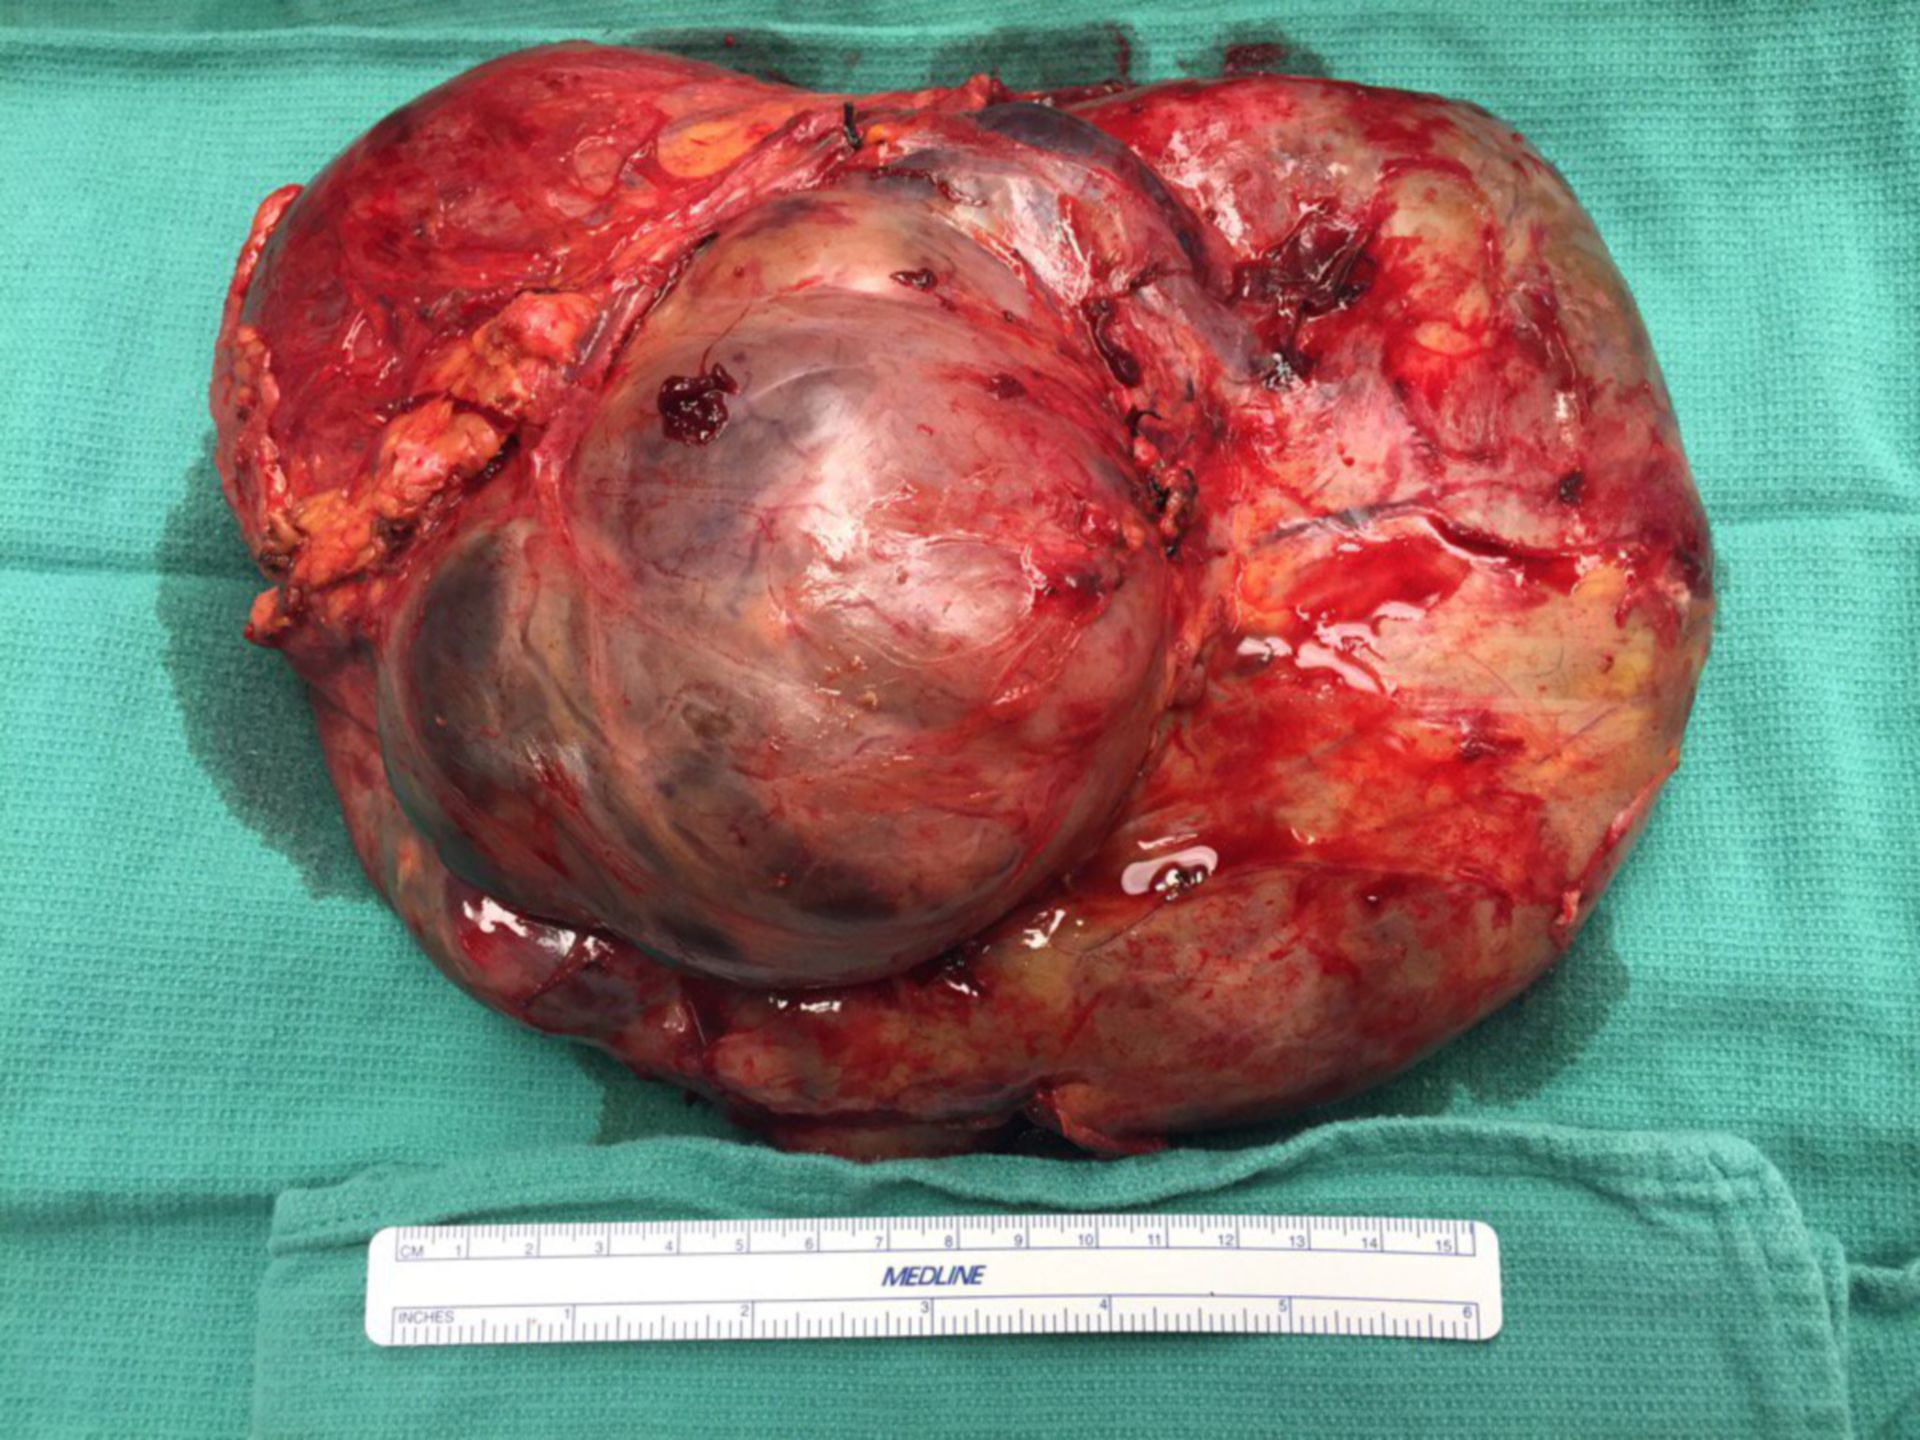 Tumore stromale gastrointenstinale (GIST)